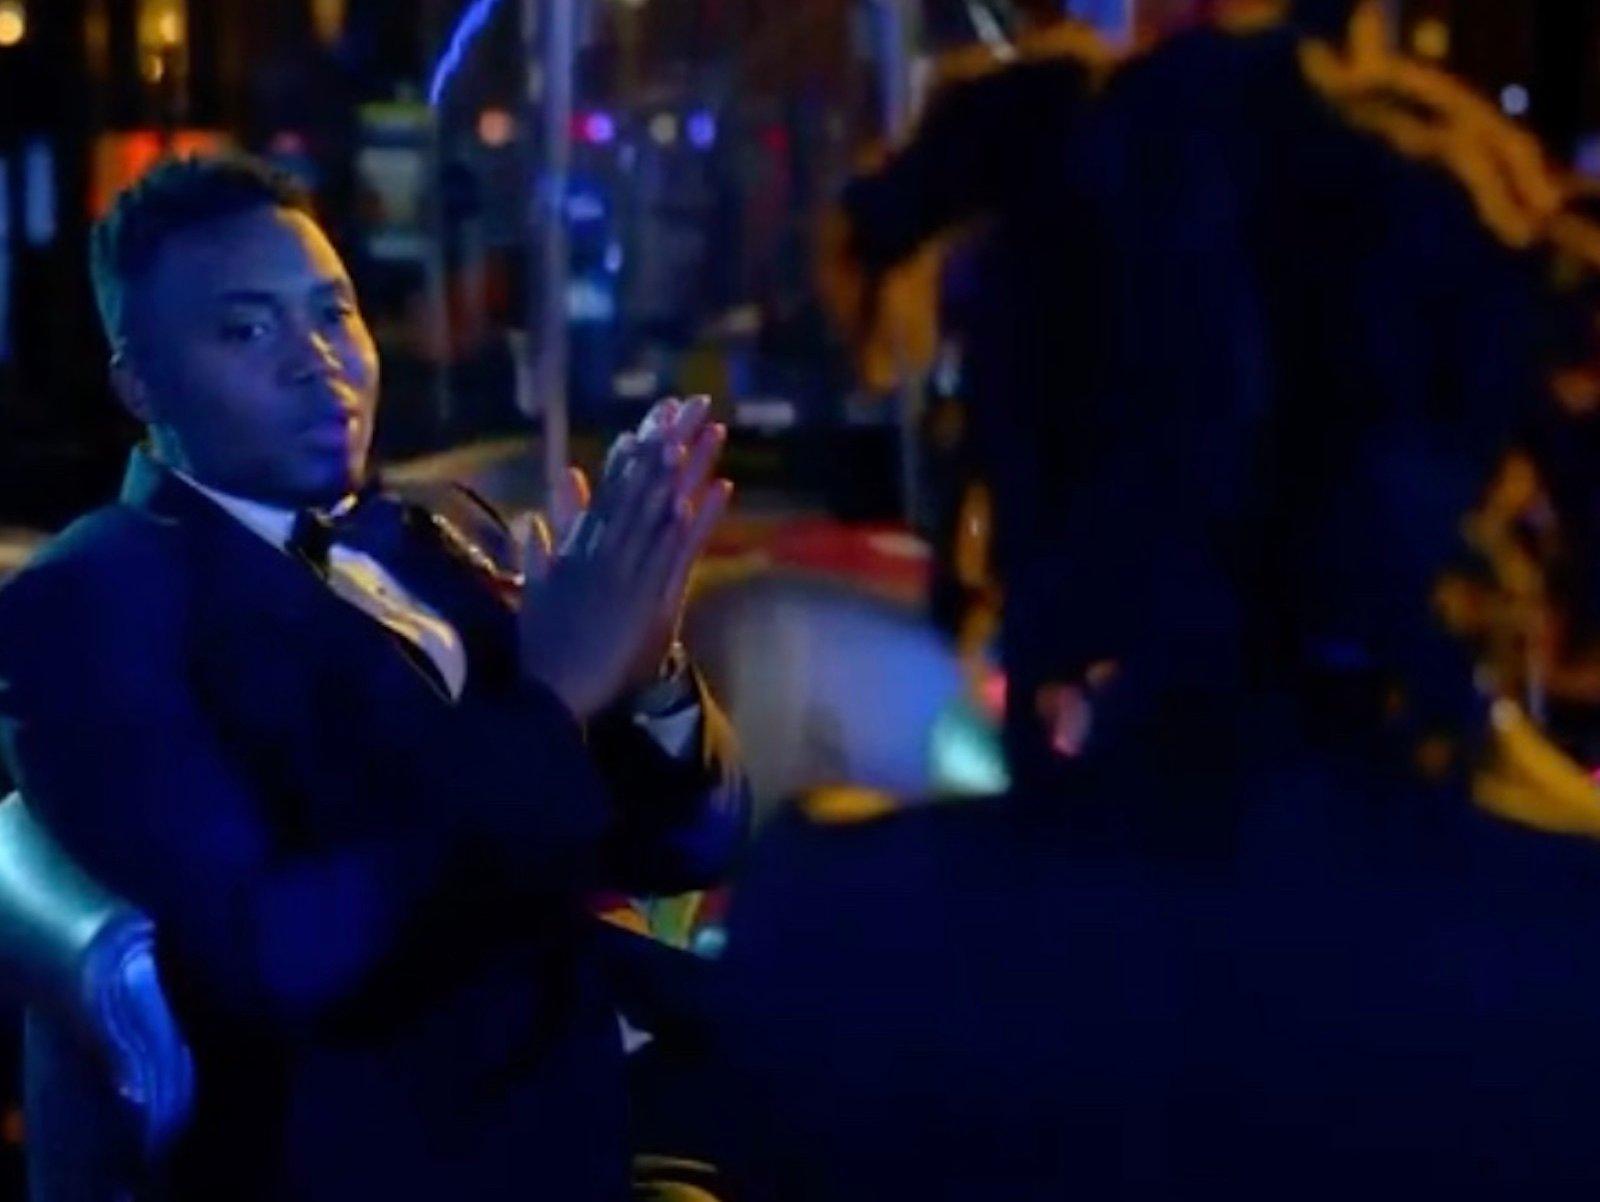 Nas Shares Sneak Peek From JAY-Z 'Sorry Not Sorry' MV  SOHH.com